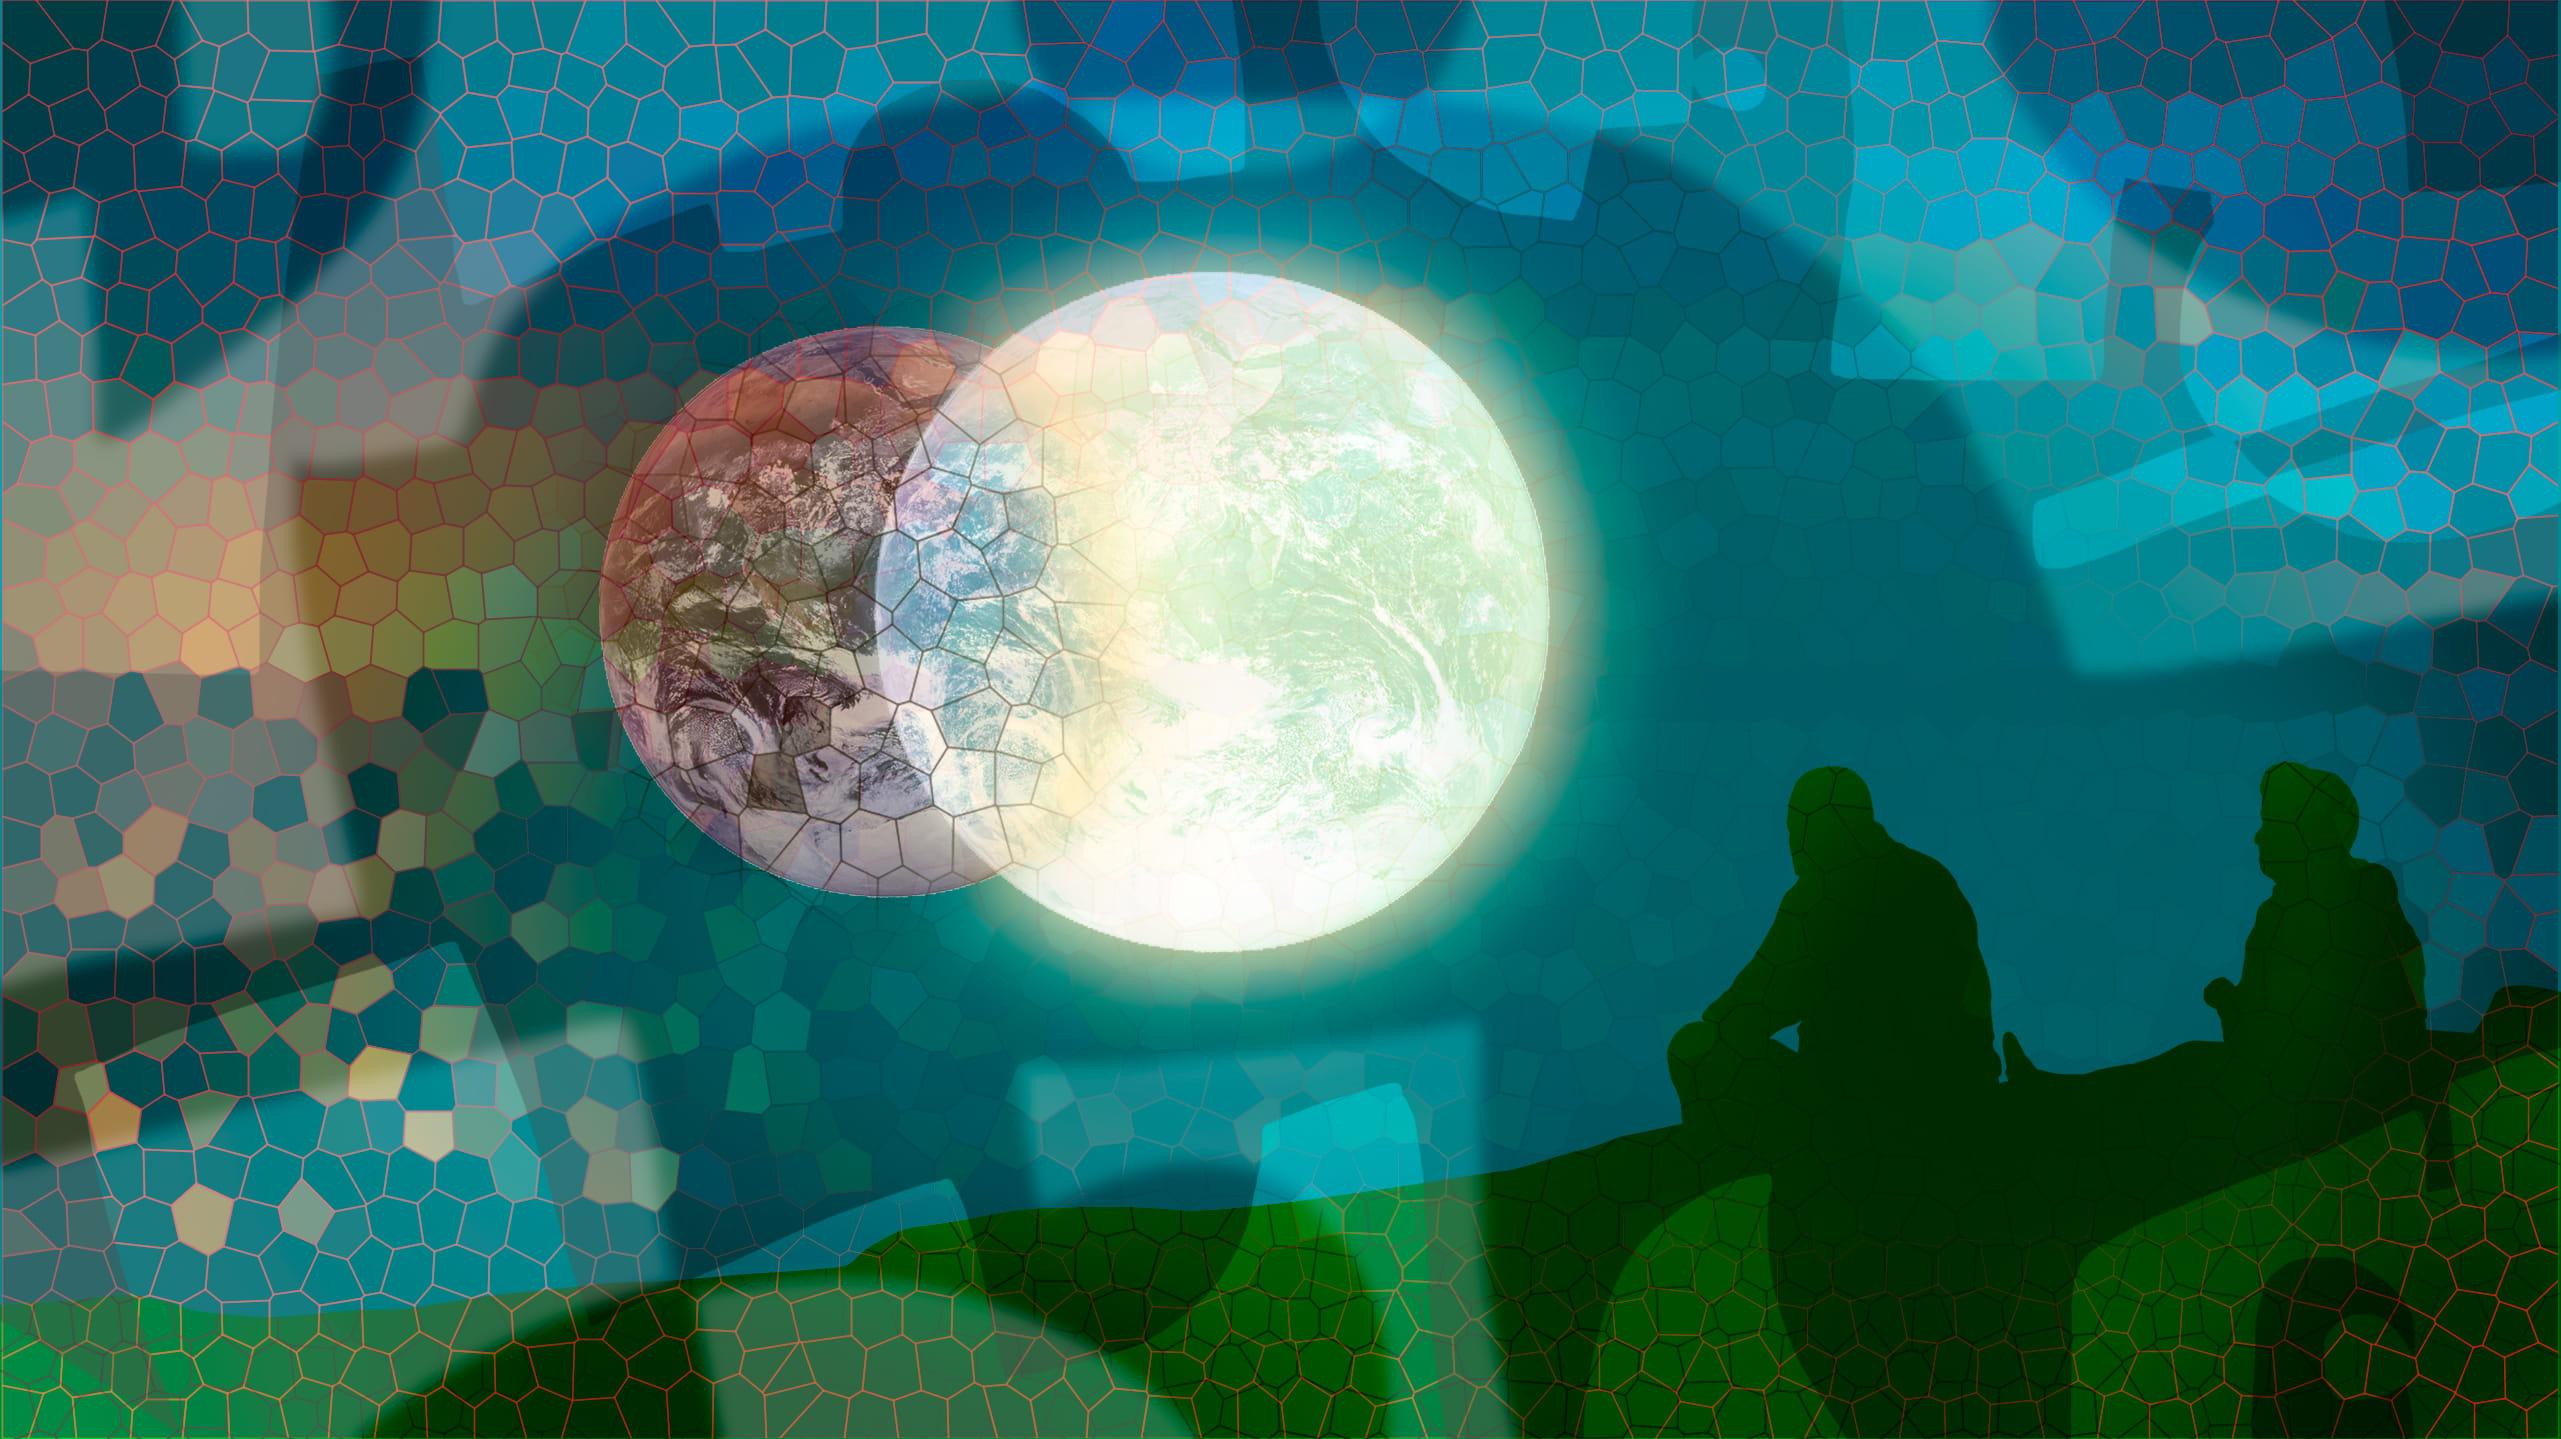 transição planetária merece atenção e reflexão